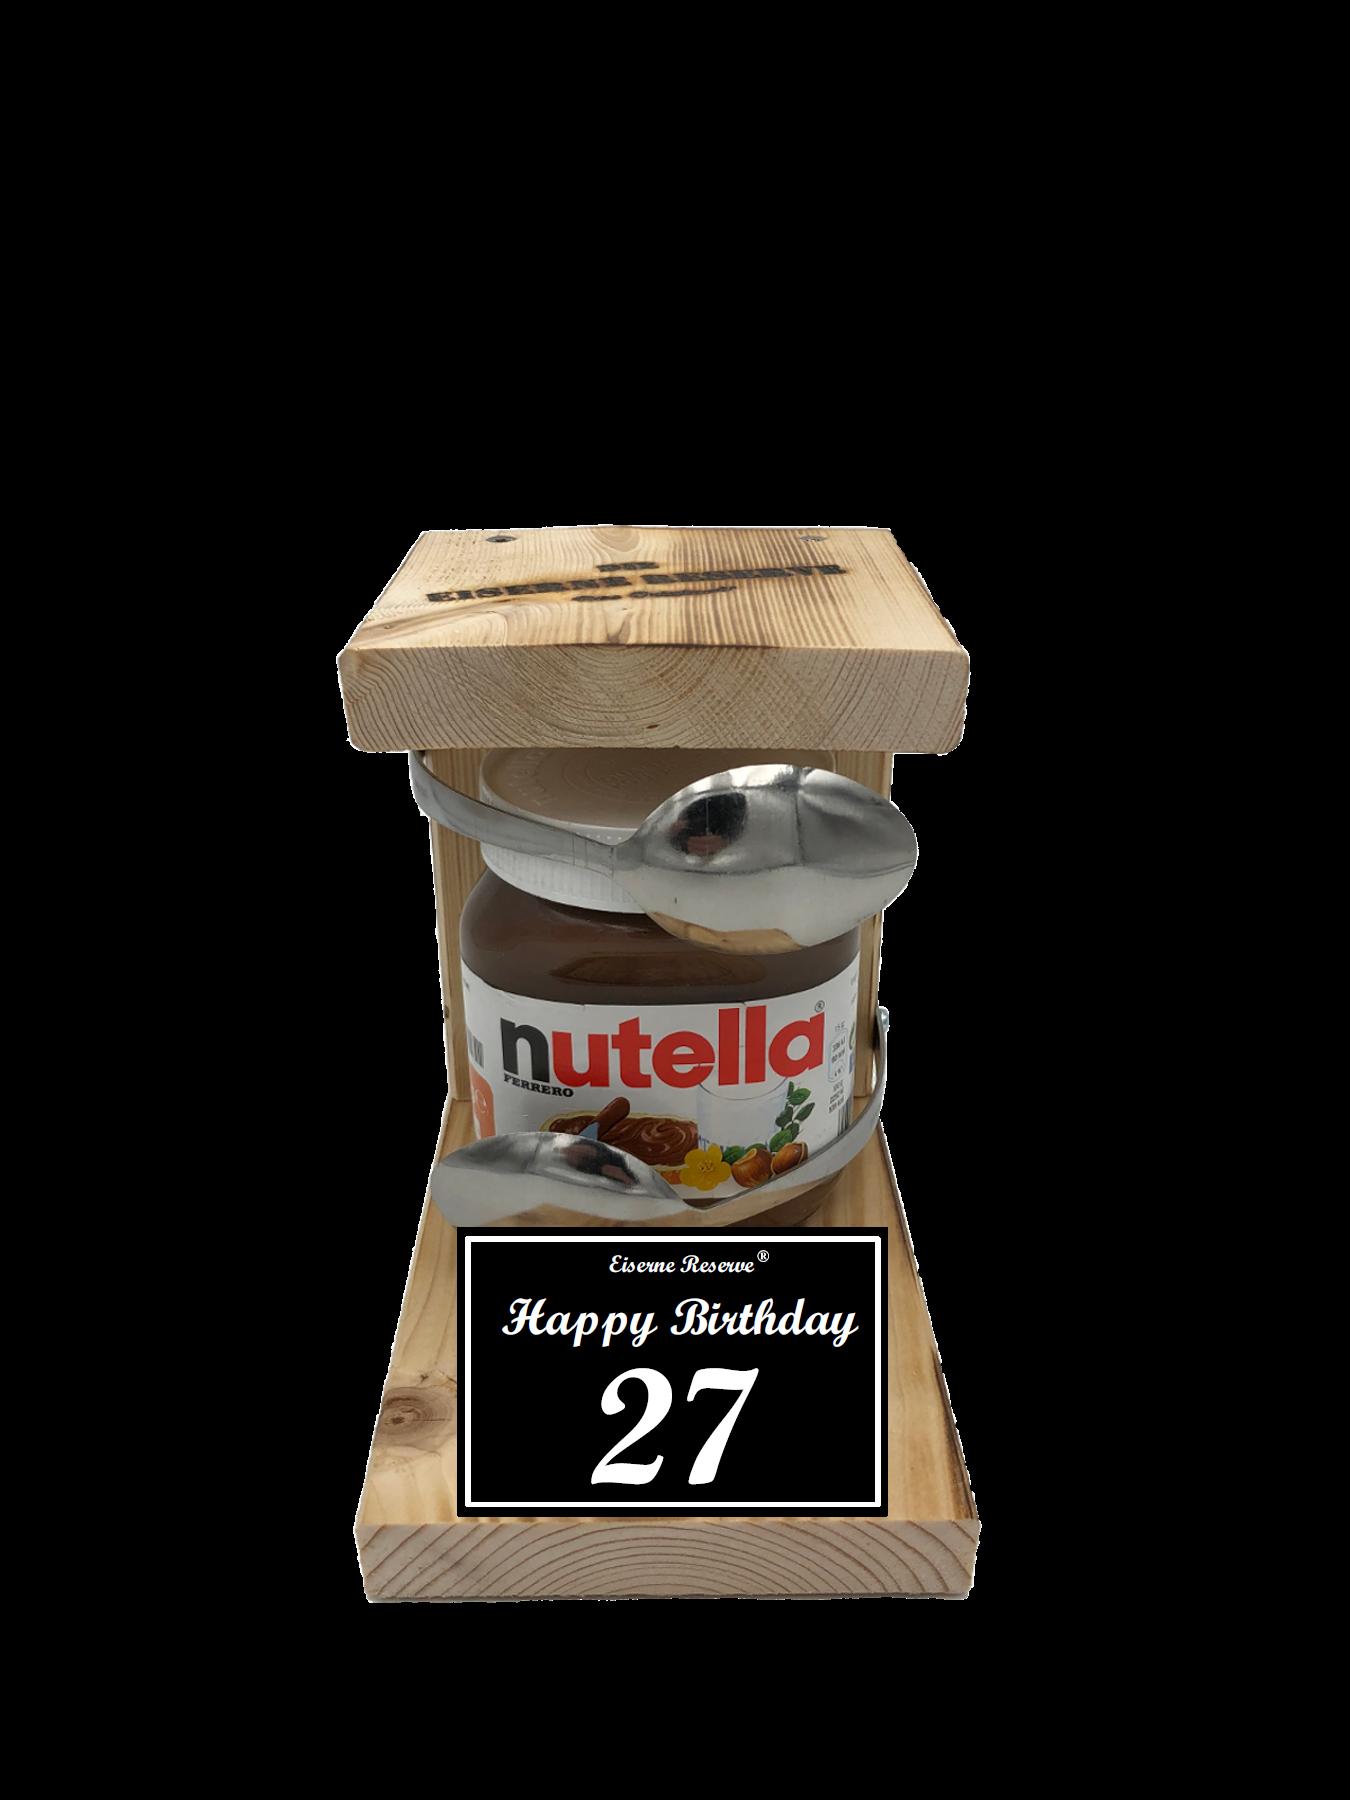 27 Happy Birthday Löffel Nutella Geschenk - Die Nutella Geschenkidee